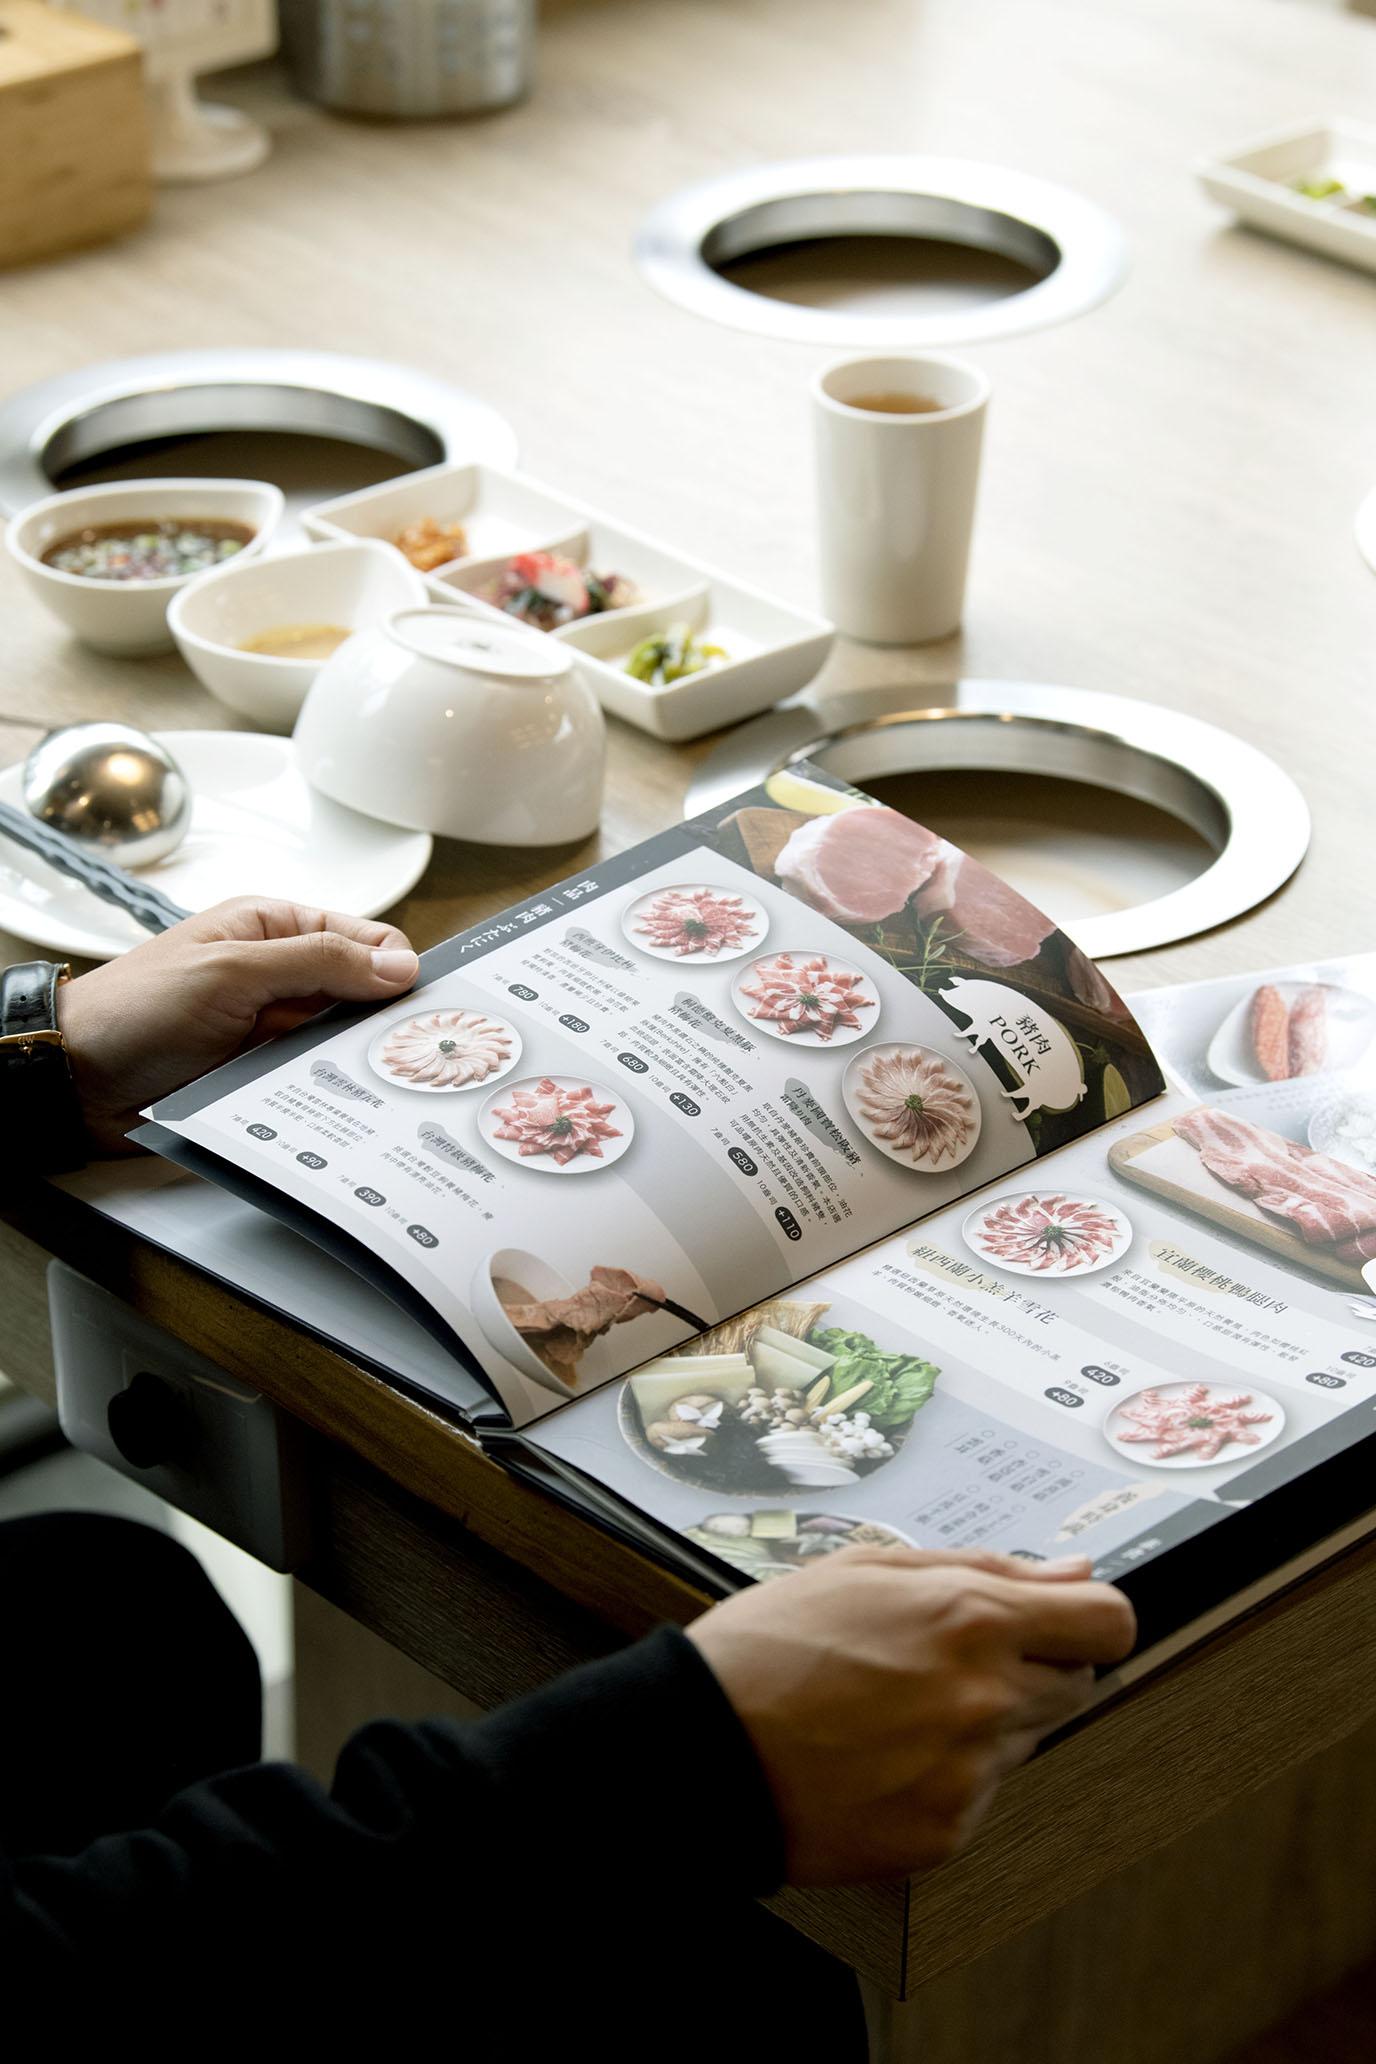 桃園55pot精緻鍋物|清新氛圍,套餐式火鍋舒心合味。